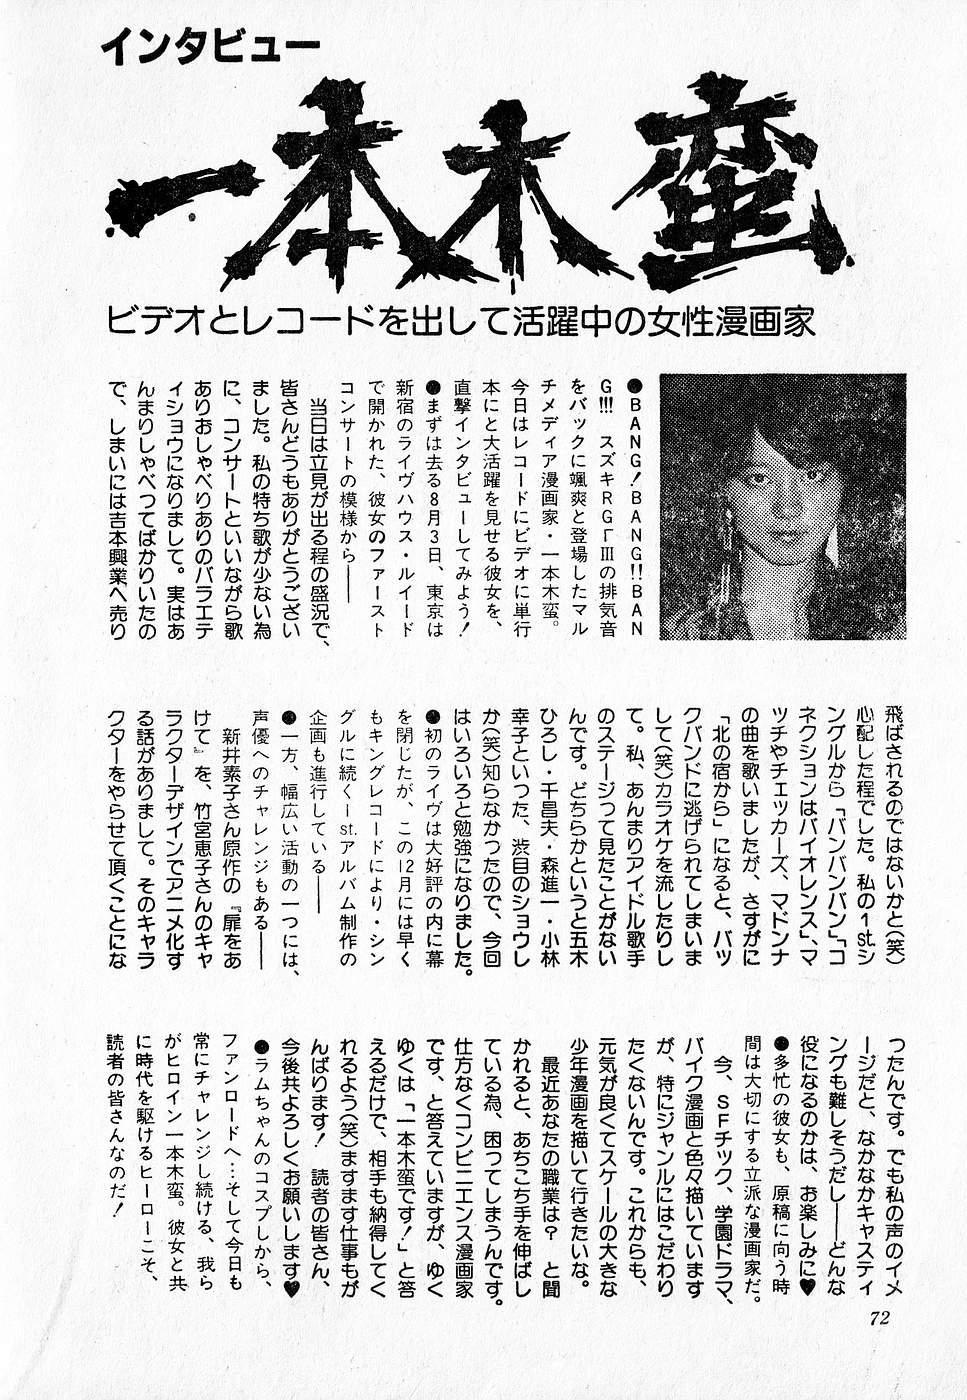 COMIC Lolipop 1985-10 Soukanjunbigou Aki 71